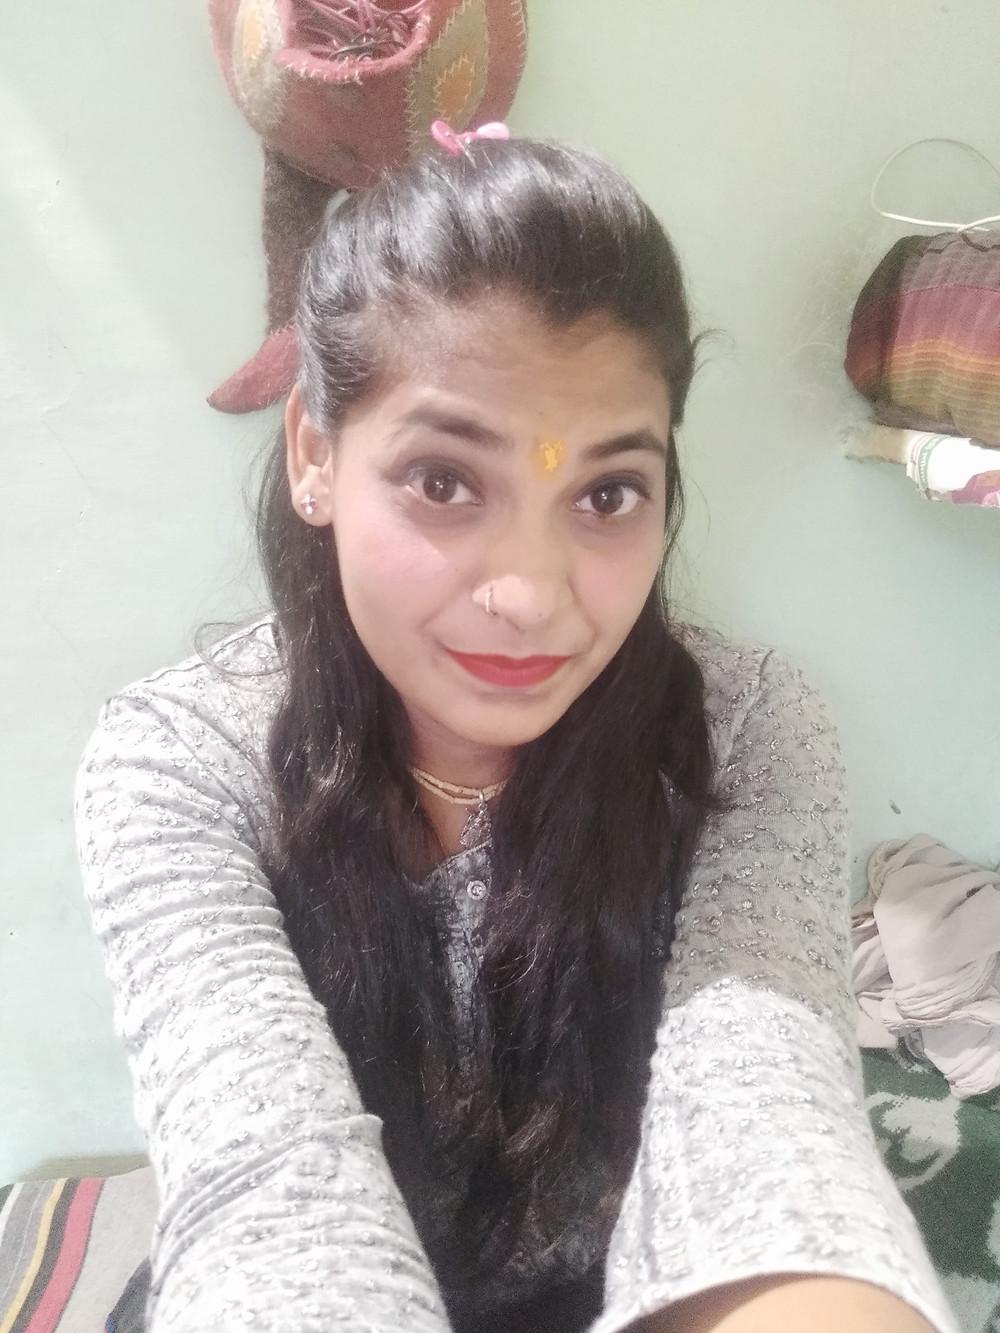 तुलसी पिल्लई 'वृंदा', जोधपुर (राजस्थान)